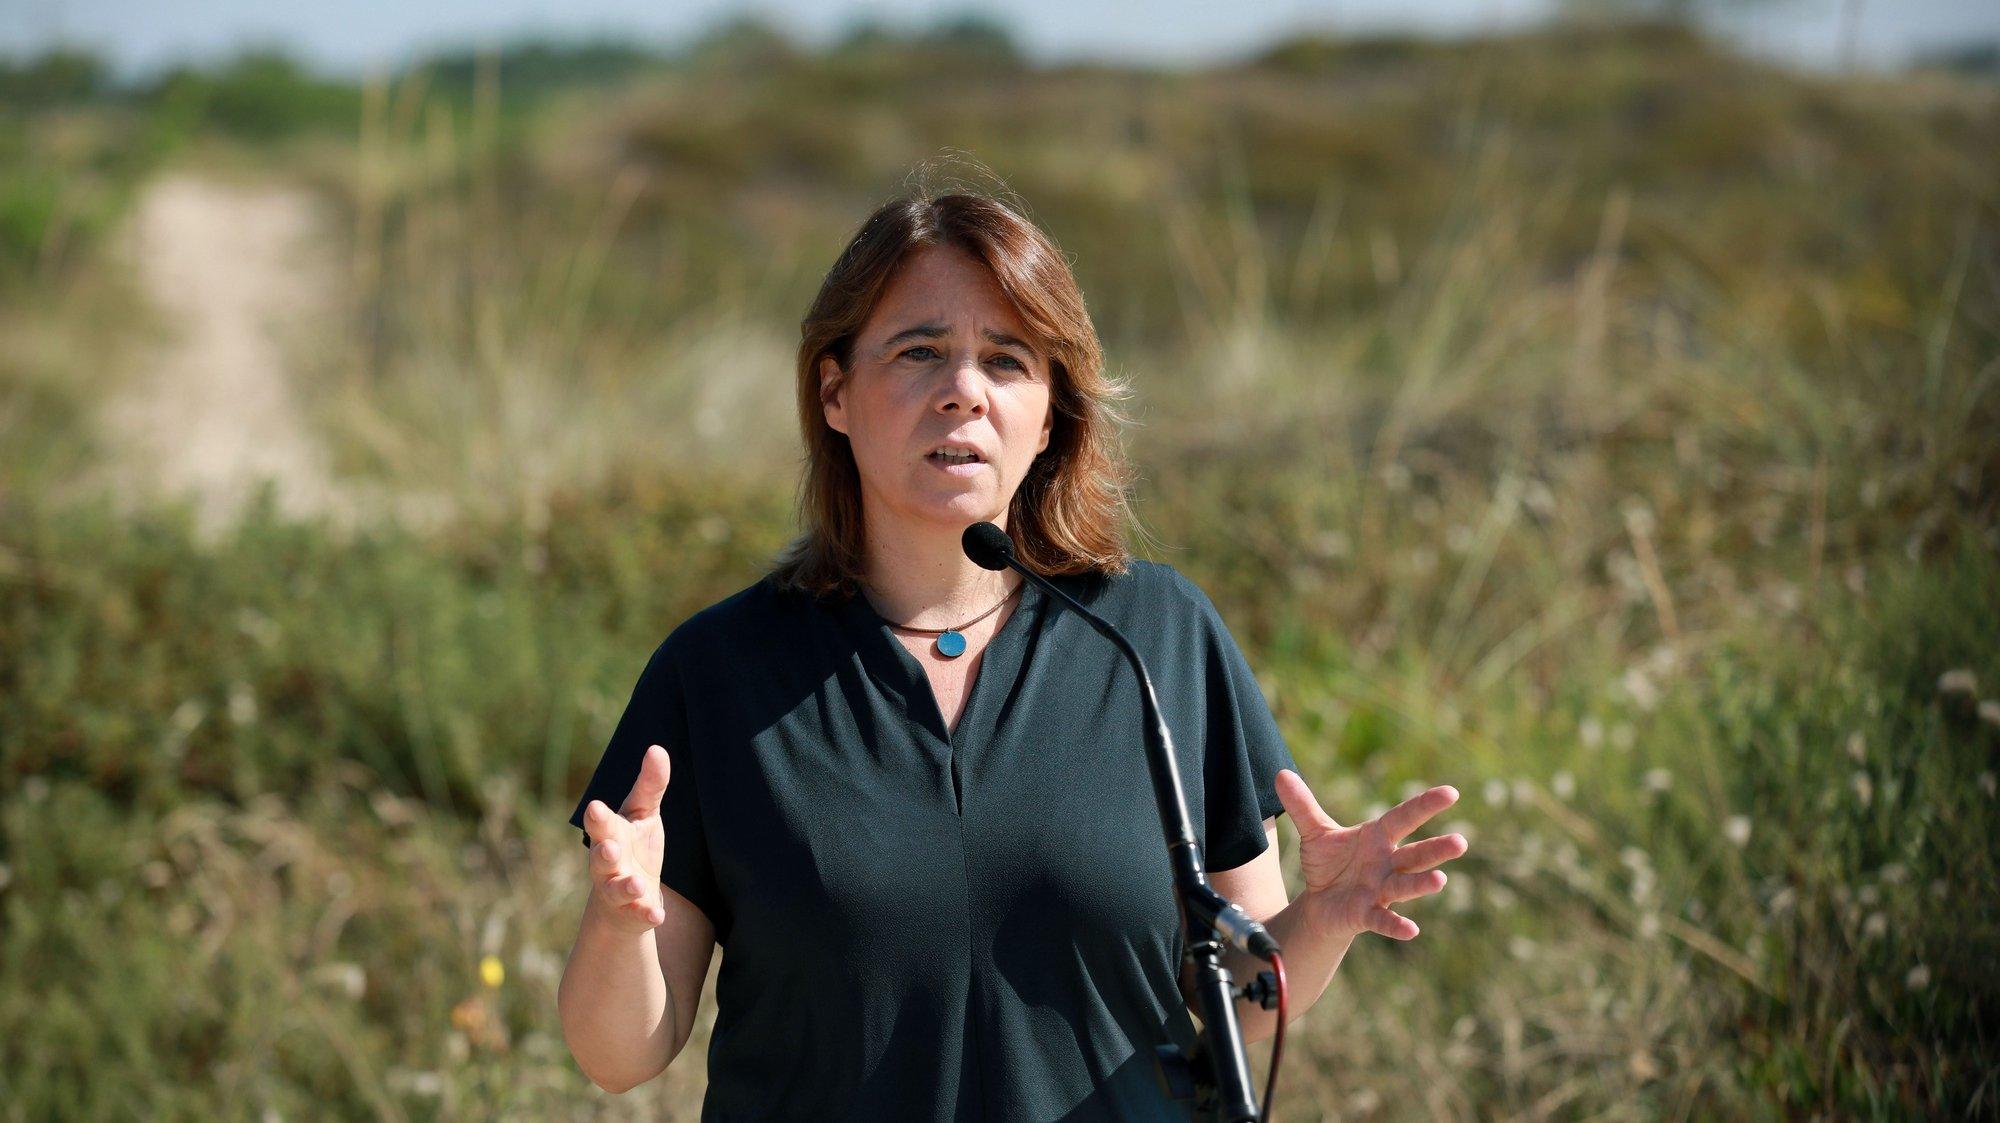 A coordenadora do Bloco de Esquerda (BE), Catarina Martins, presta declarações à comunicação social após visita ao local onde foram colocados sacos de areia para conter o avanço do mar mas que estão a causar problemas de resíduos no areal, com riscos para ambiente e biodiversidade, Póvoa de Varzim, 26 de julho de 2021. ESTELA SILVA/LUSA